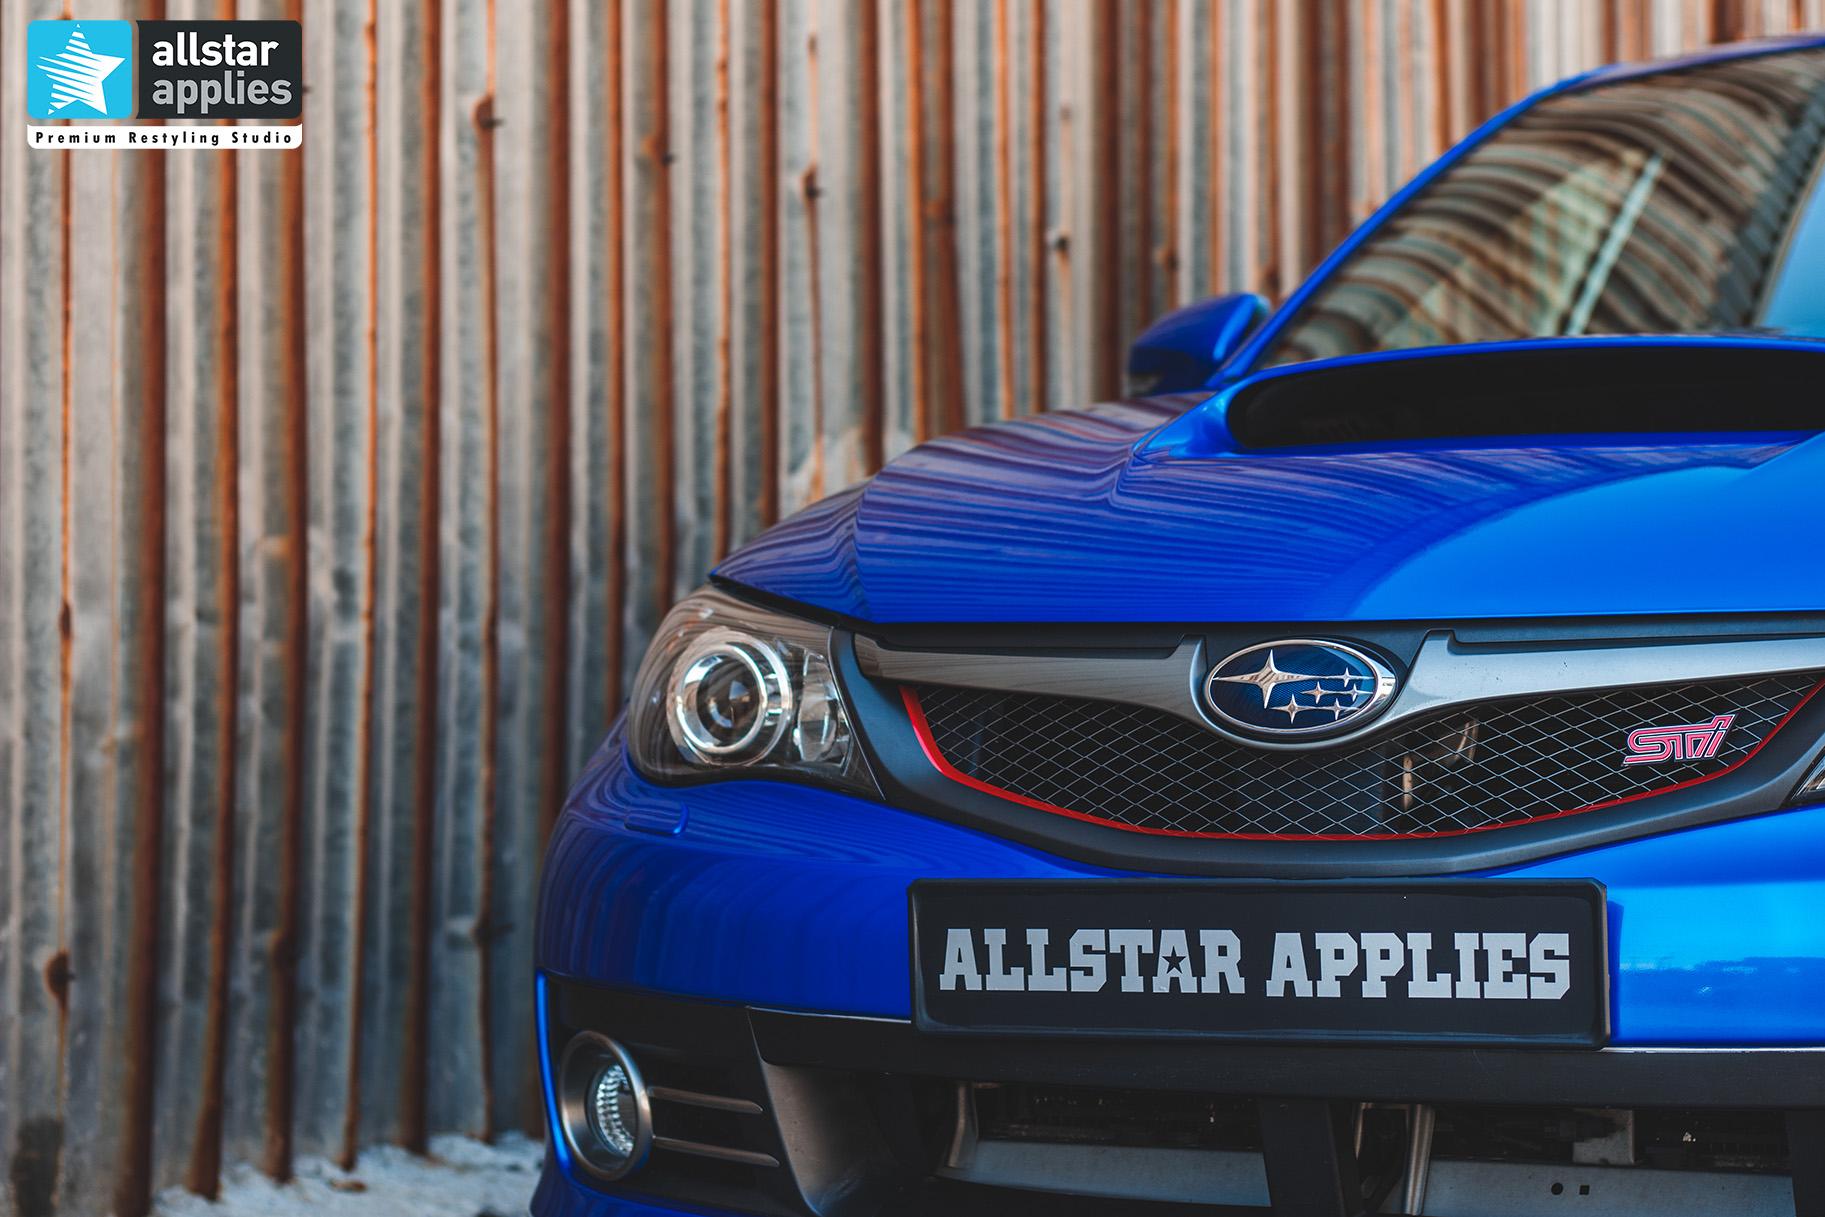 Αλλαγή χρώματος αυτοκινήτου με αυτοκόλλητα σε subaru impreza wrx στη Θεσσαλονίκη Allstar Applies